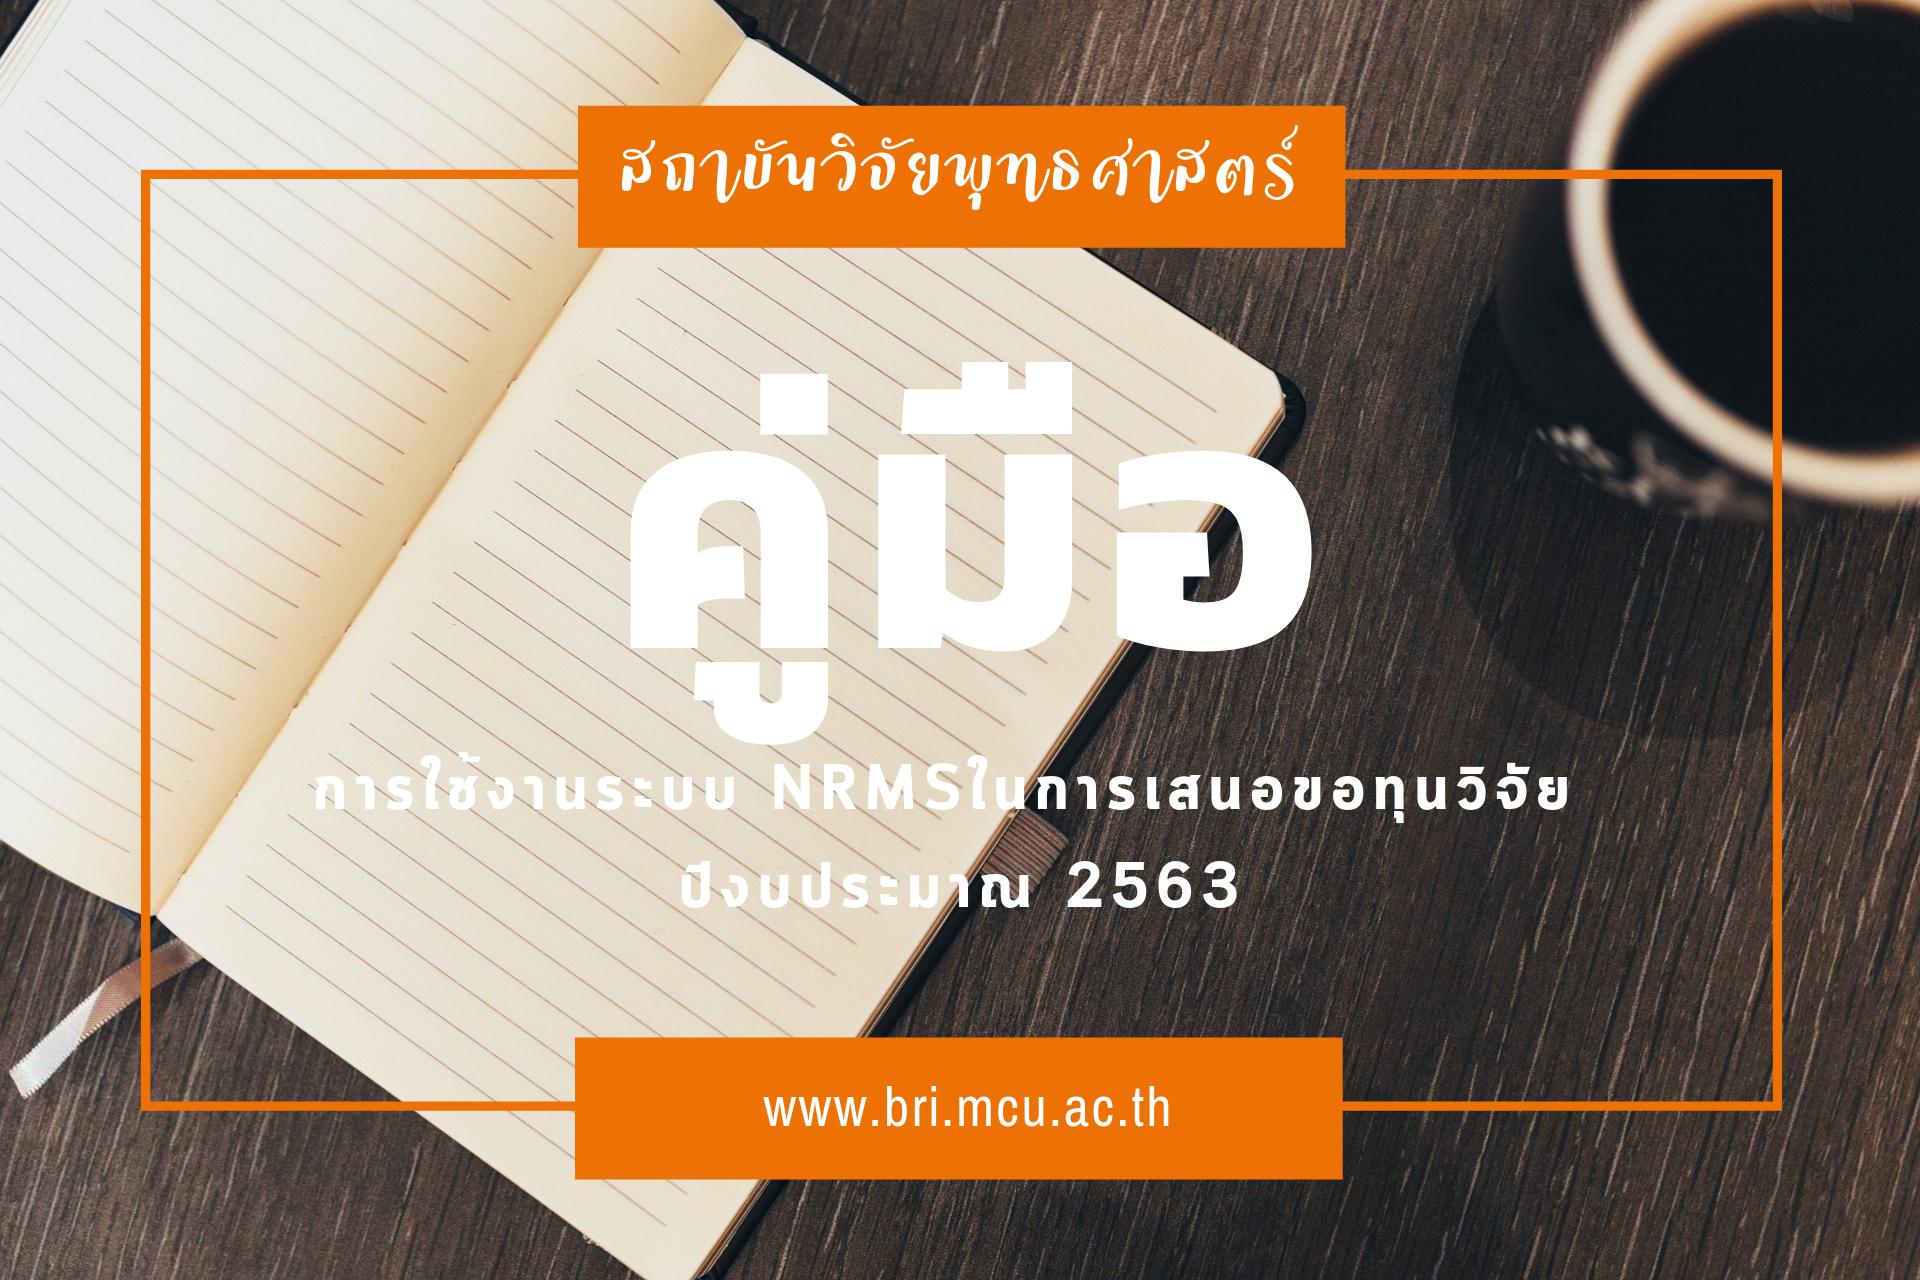 คู่มือการใช้งานระบบ NRMSในการเสนอขอทุนวิจัย สำนักงานการวิจัยแห่งชาติ (วช.) (ฉบับย่อ) สำหรับนักวิจัย